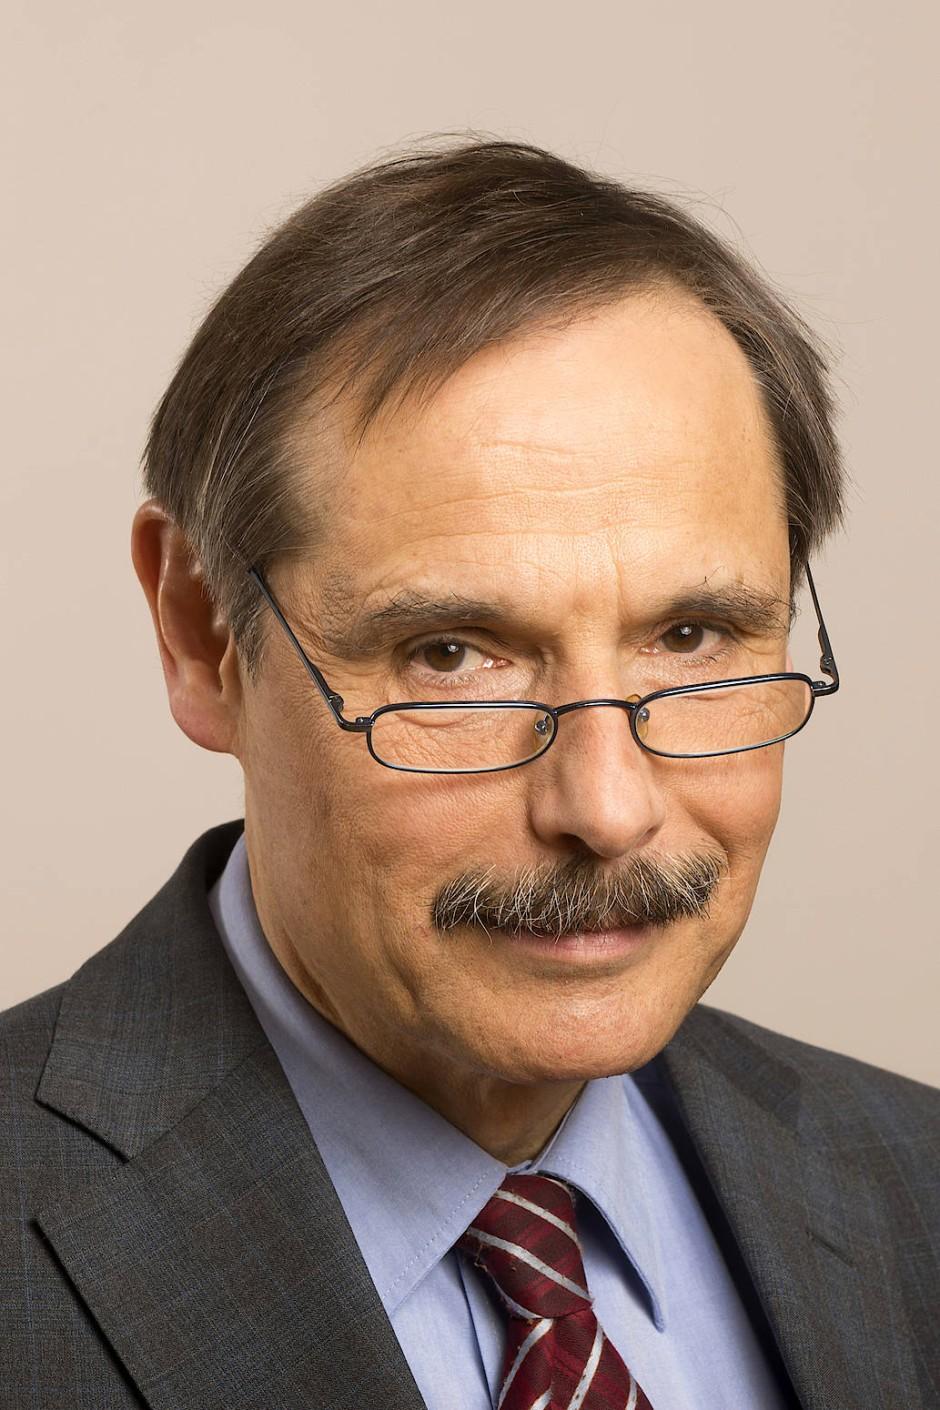 Georg Cremer ist Generalsekretär des Deutschen Caritasverbandes.